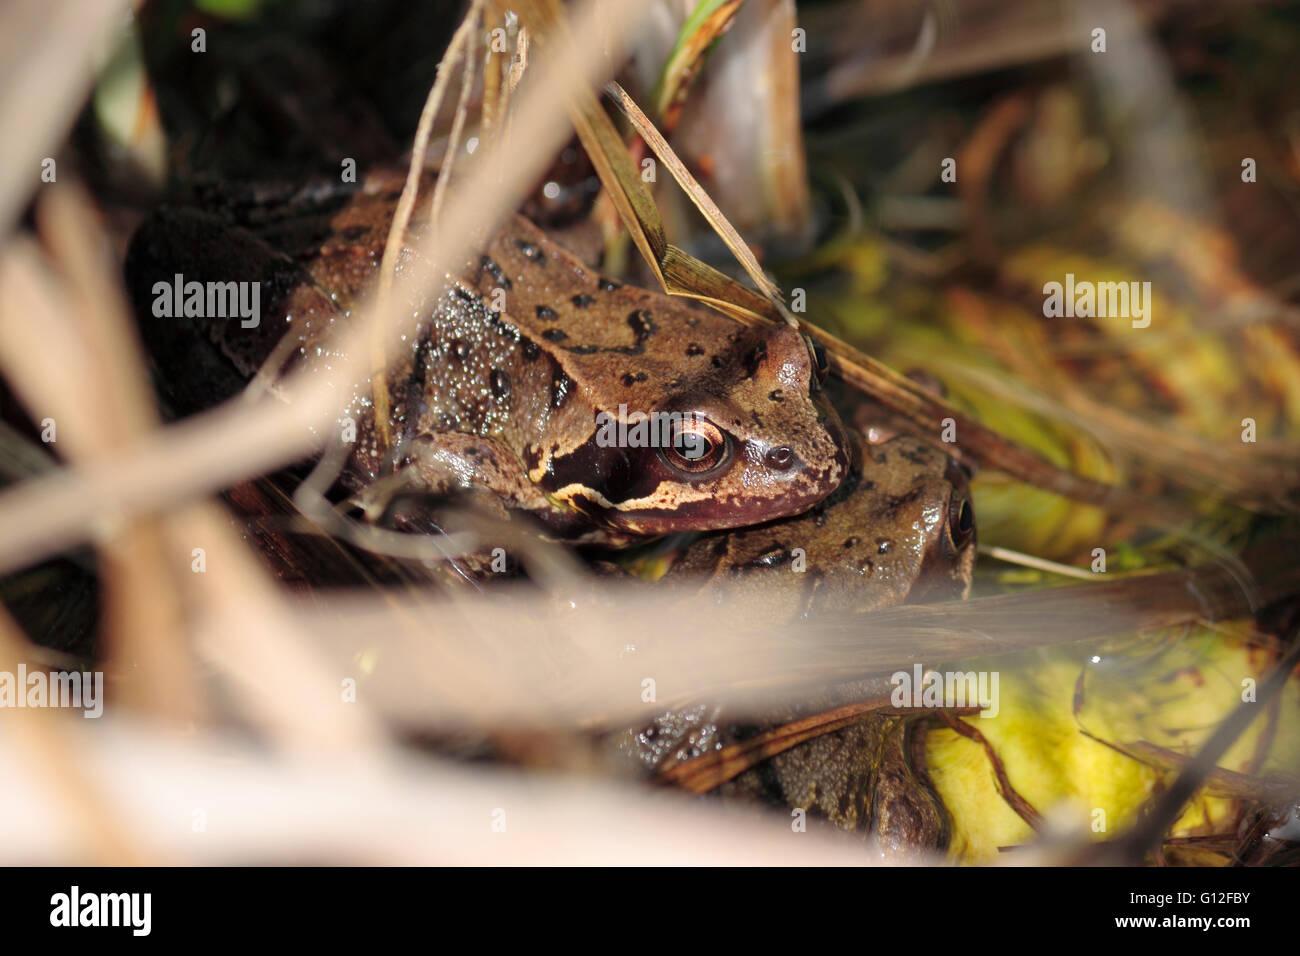 Common English frog rana temporaria in a garden pond - Stock Image